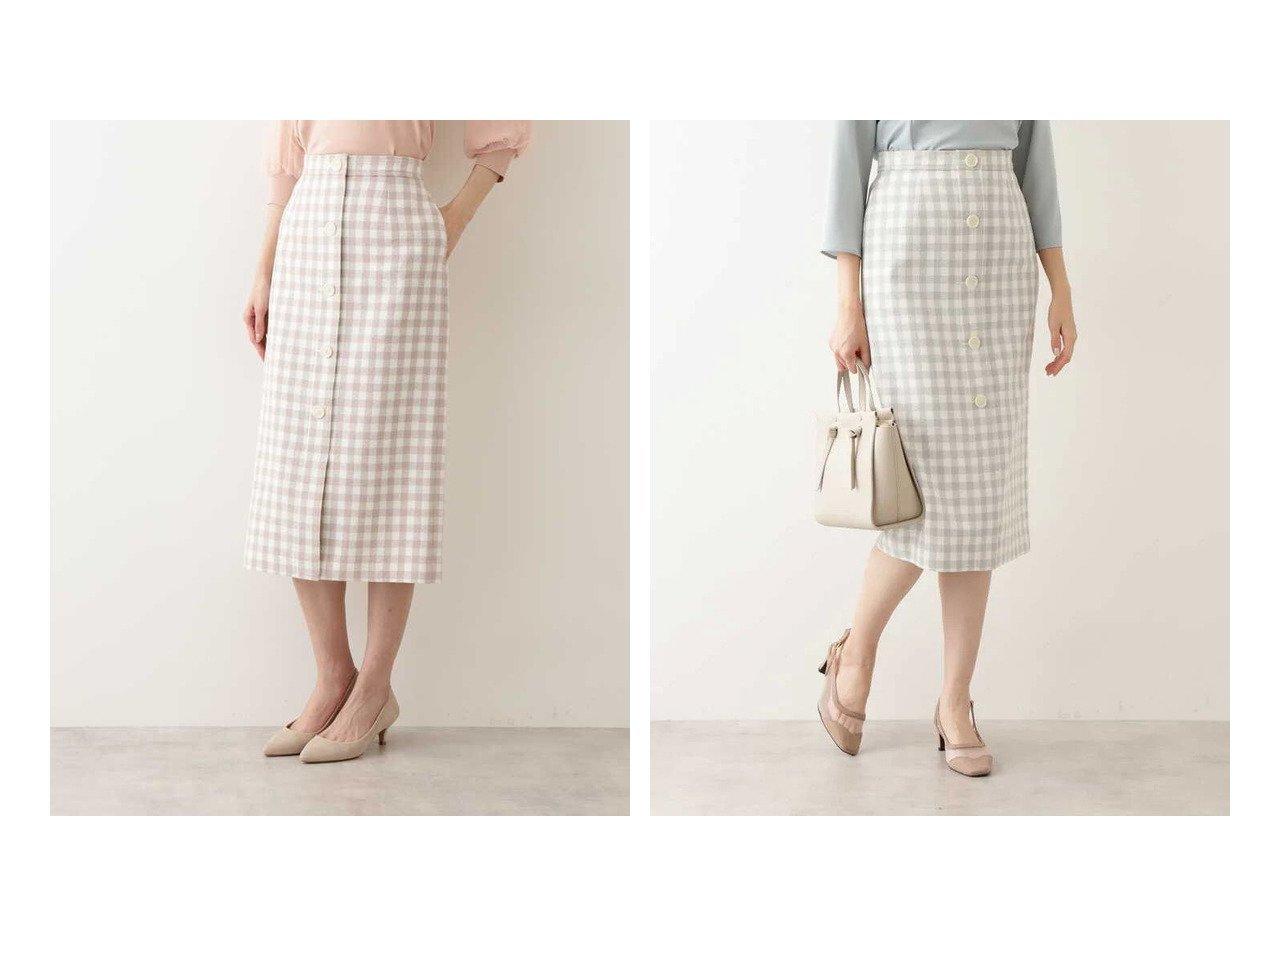 【NATURAL BEAUTY BASIC/ナチュラル ビューティー ベーシック】のギンガムタイトスカート 【スカート】おすすめ!人気、トレンド・レディースファッションの通販 おすすめで人気の流行・トレンド、ファッションの通販商品 メンズファッション・キッズファッション・インテリア・家具・レディースファッション・服の通販 founy(ファニー) https://founy.com/ ファッション Fashion レディースファッション WOMEN スカート Skirt ギンガム ストレート チェック フロント 春 Spring |ID:crp329100000029612